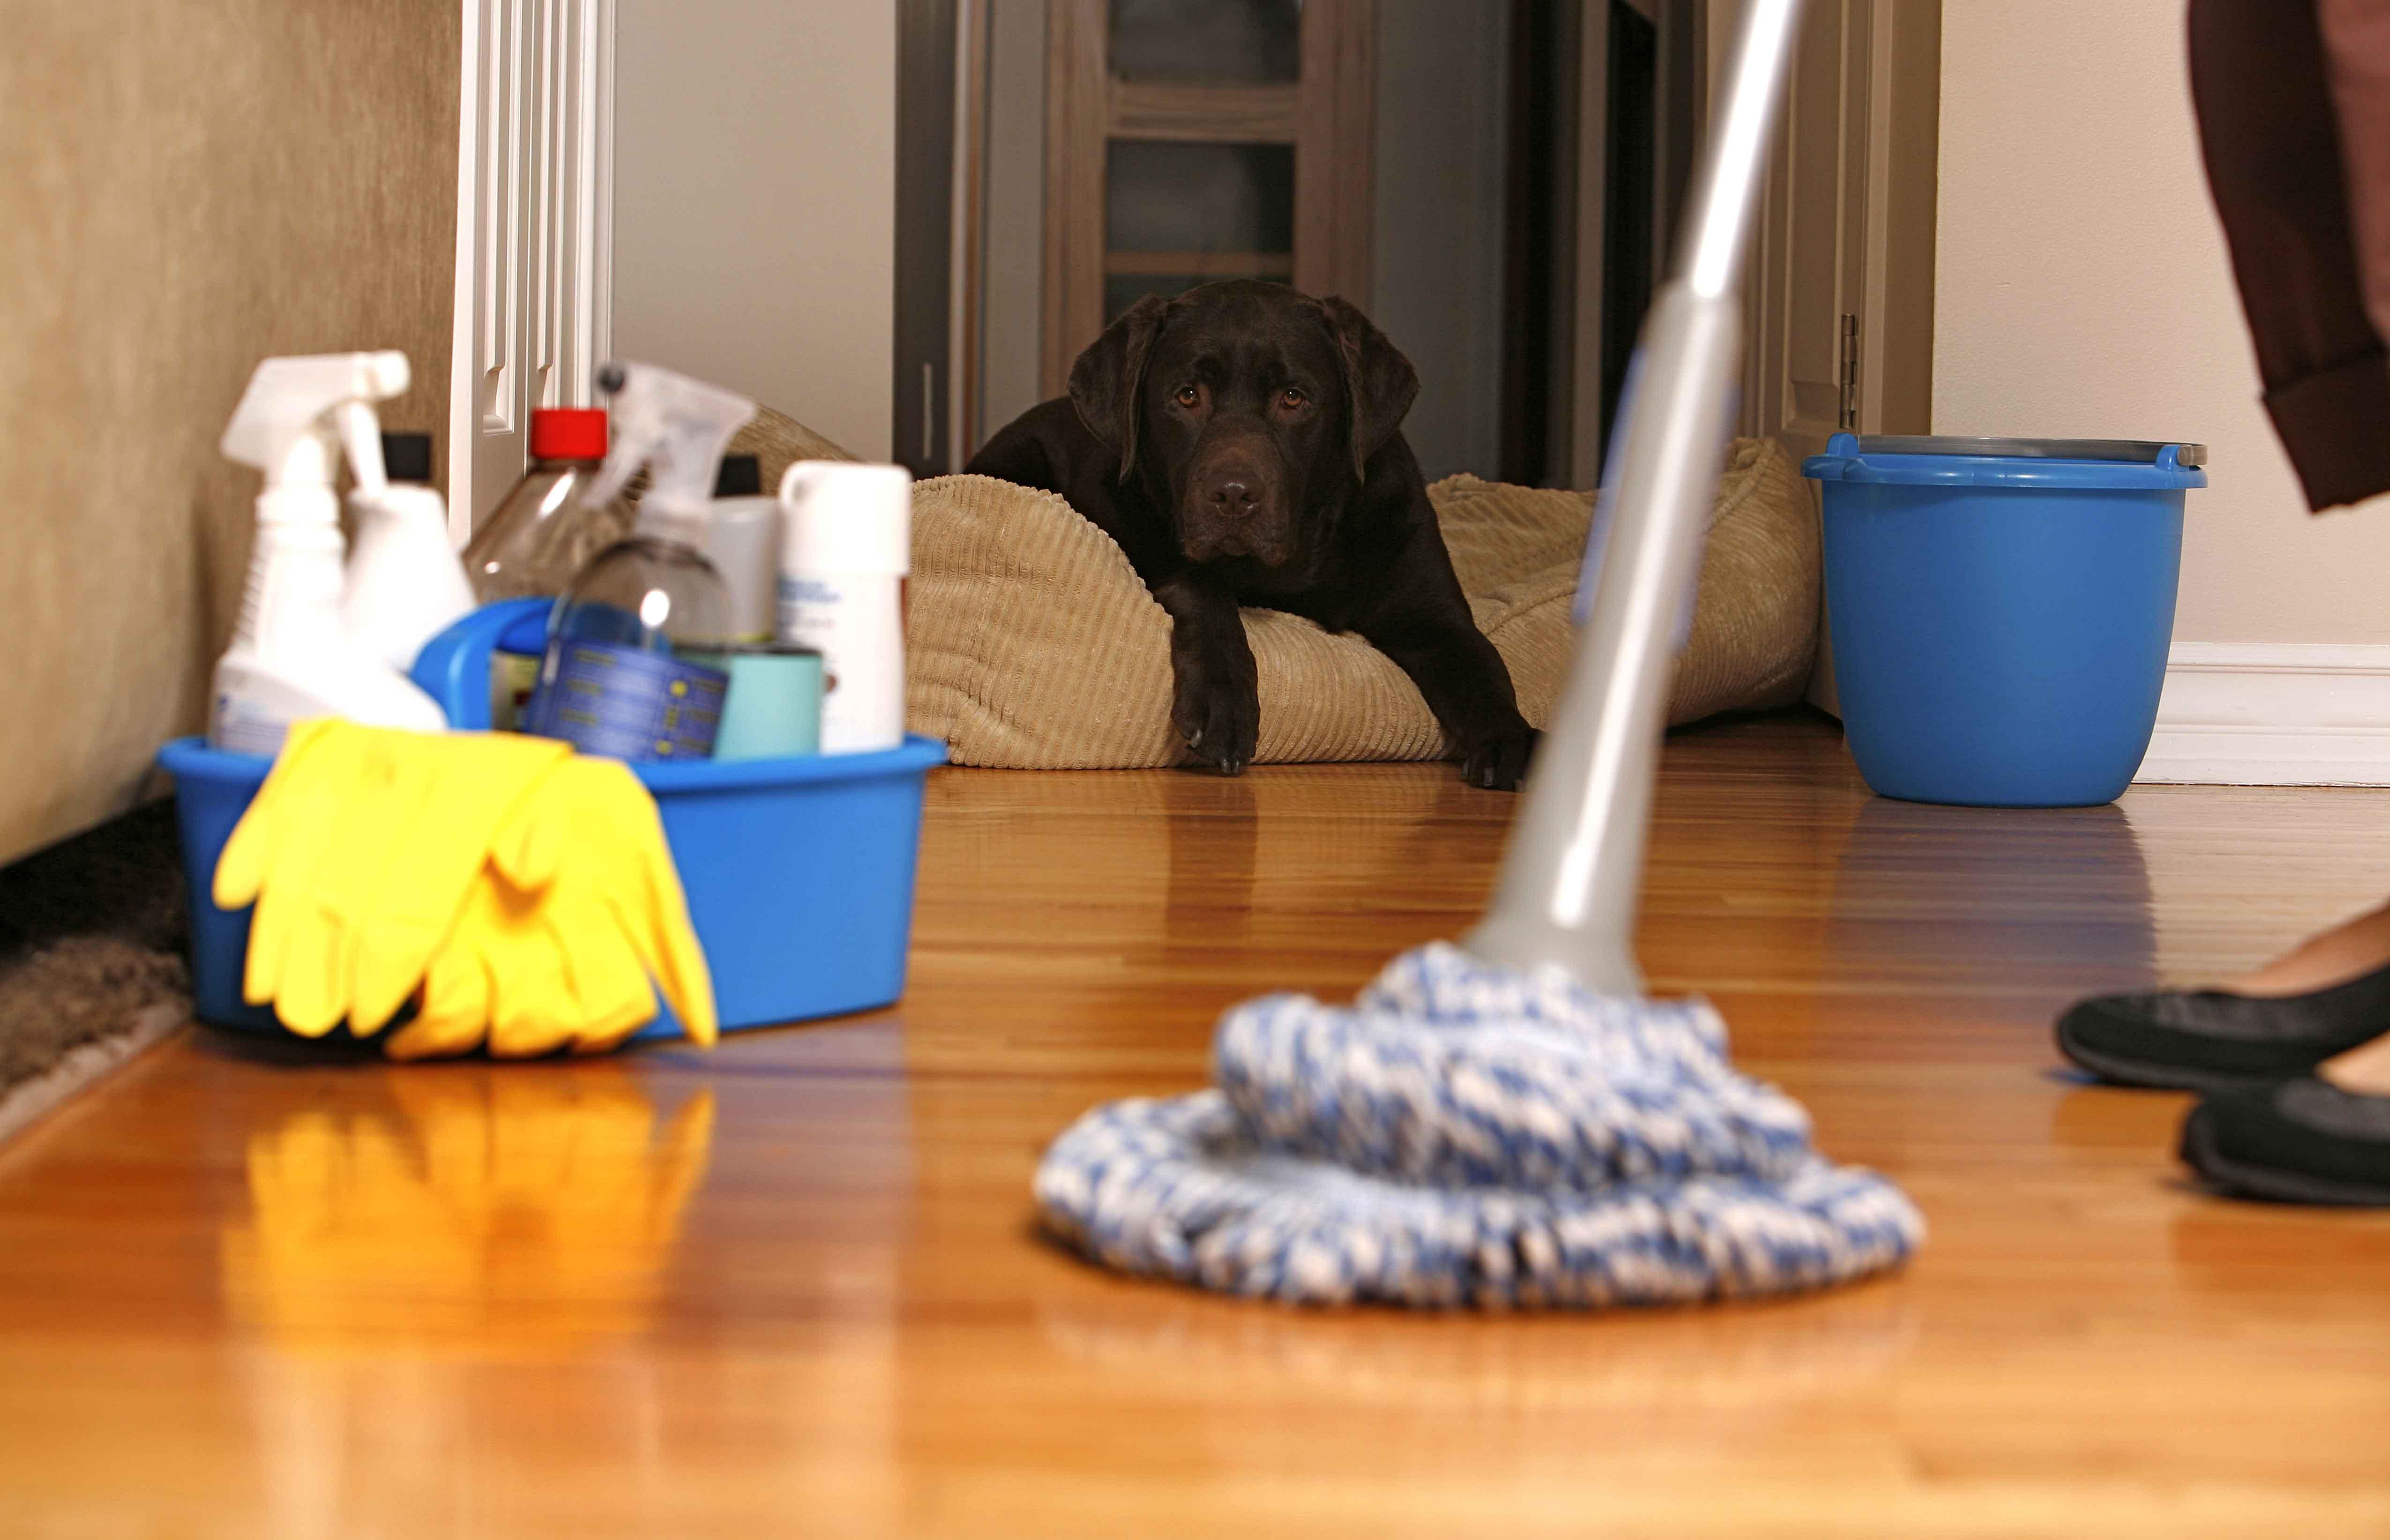 Порядок уборки квартиры